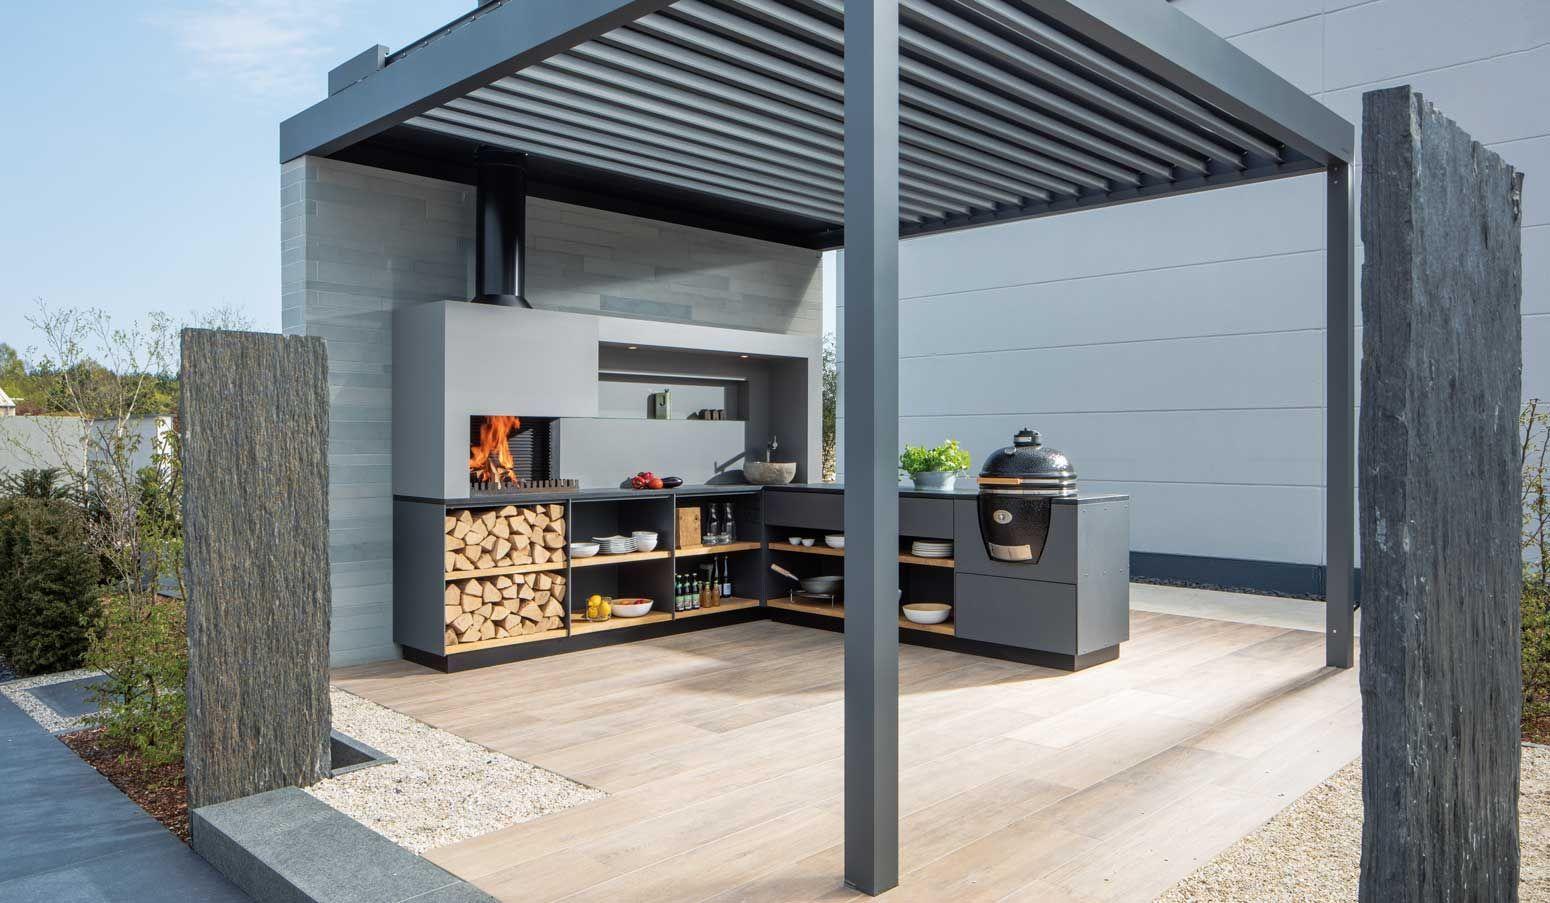 Freiluftkuche Die Modulare Outdoor Kuche Outdoor Kitchen Ideas